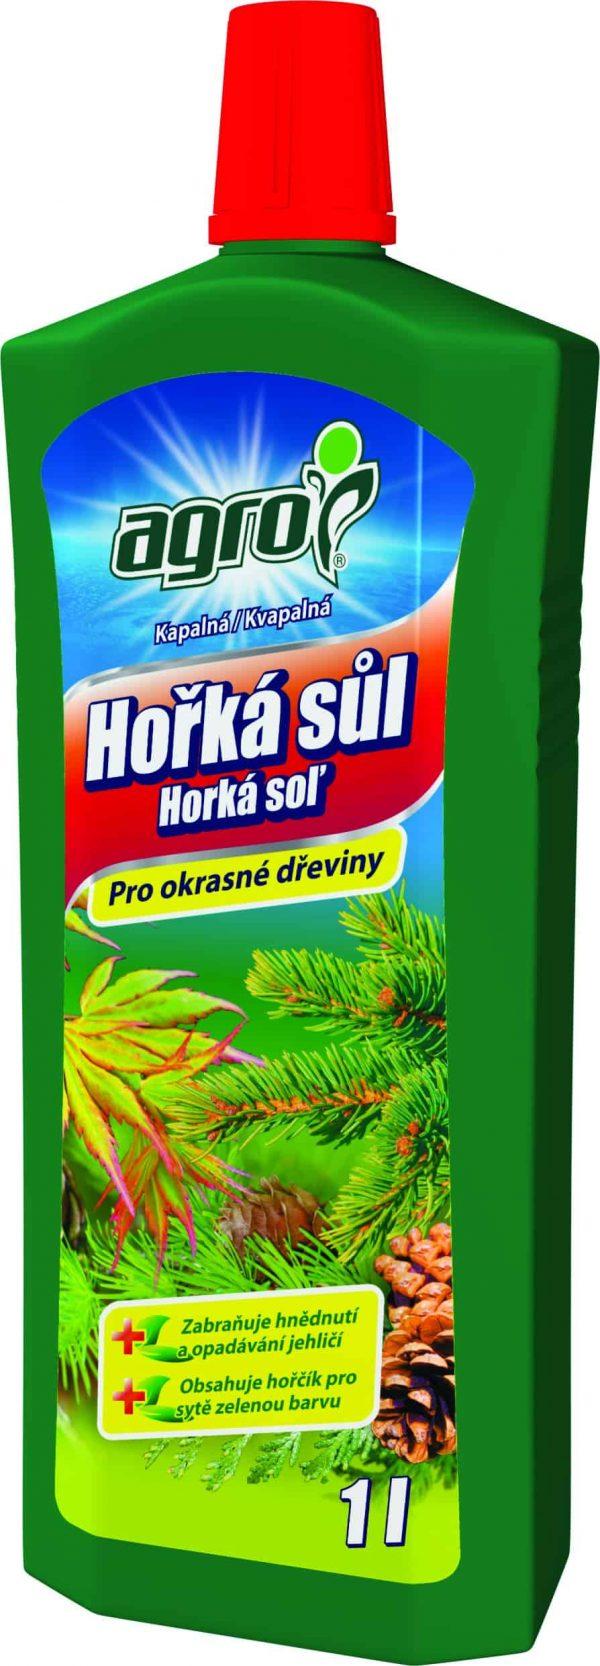 Agro Kvapalná Horká soľ 1l